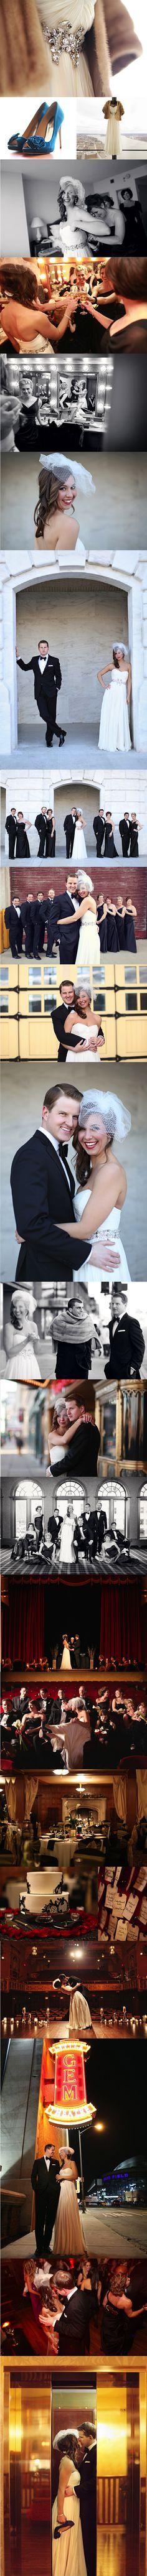 Jenny Packham Dress Le Salon Bride, Detroit Wedding